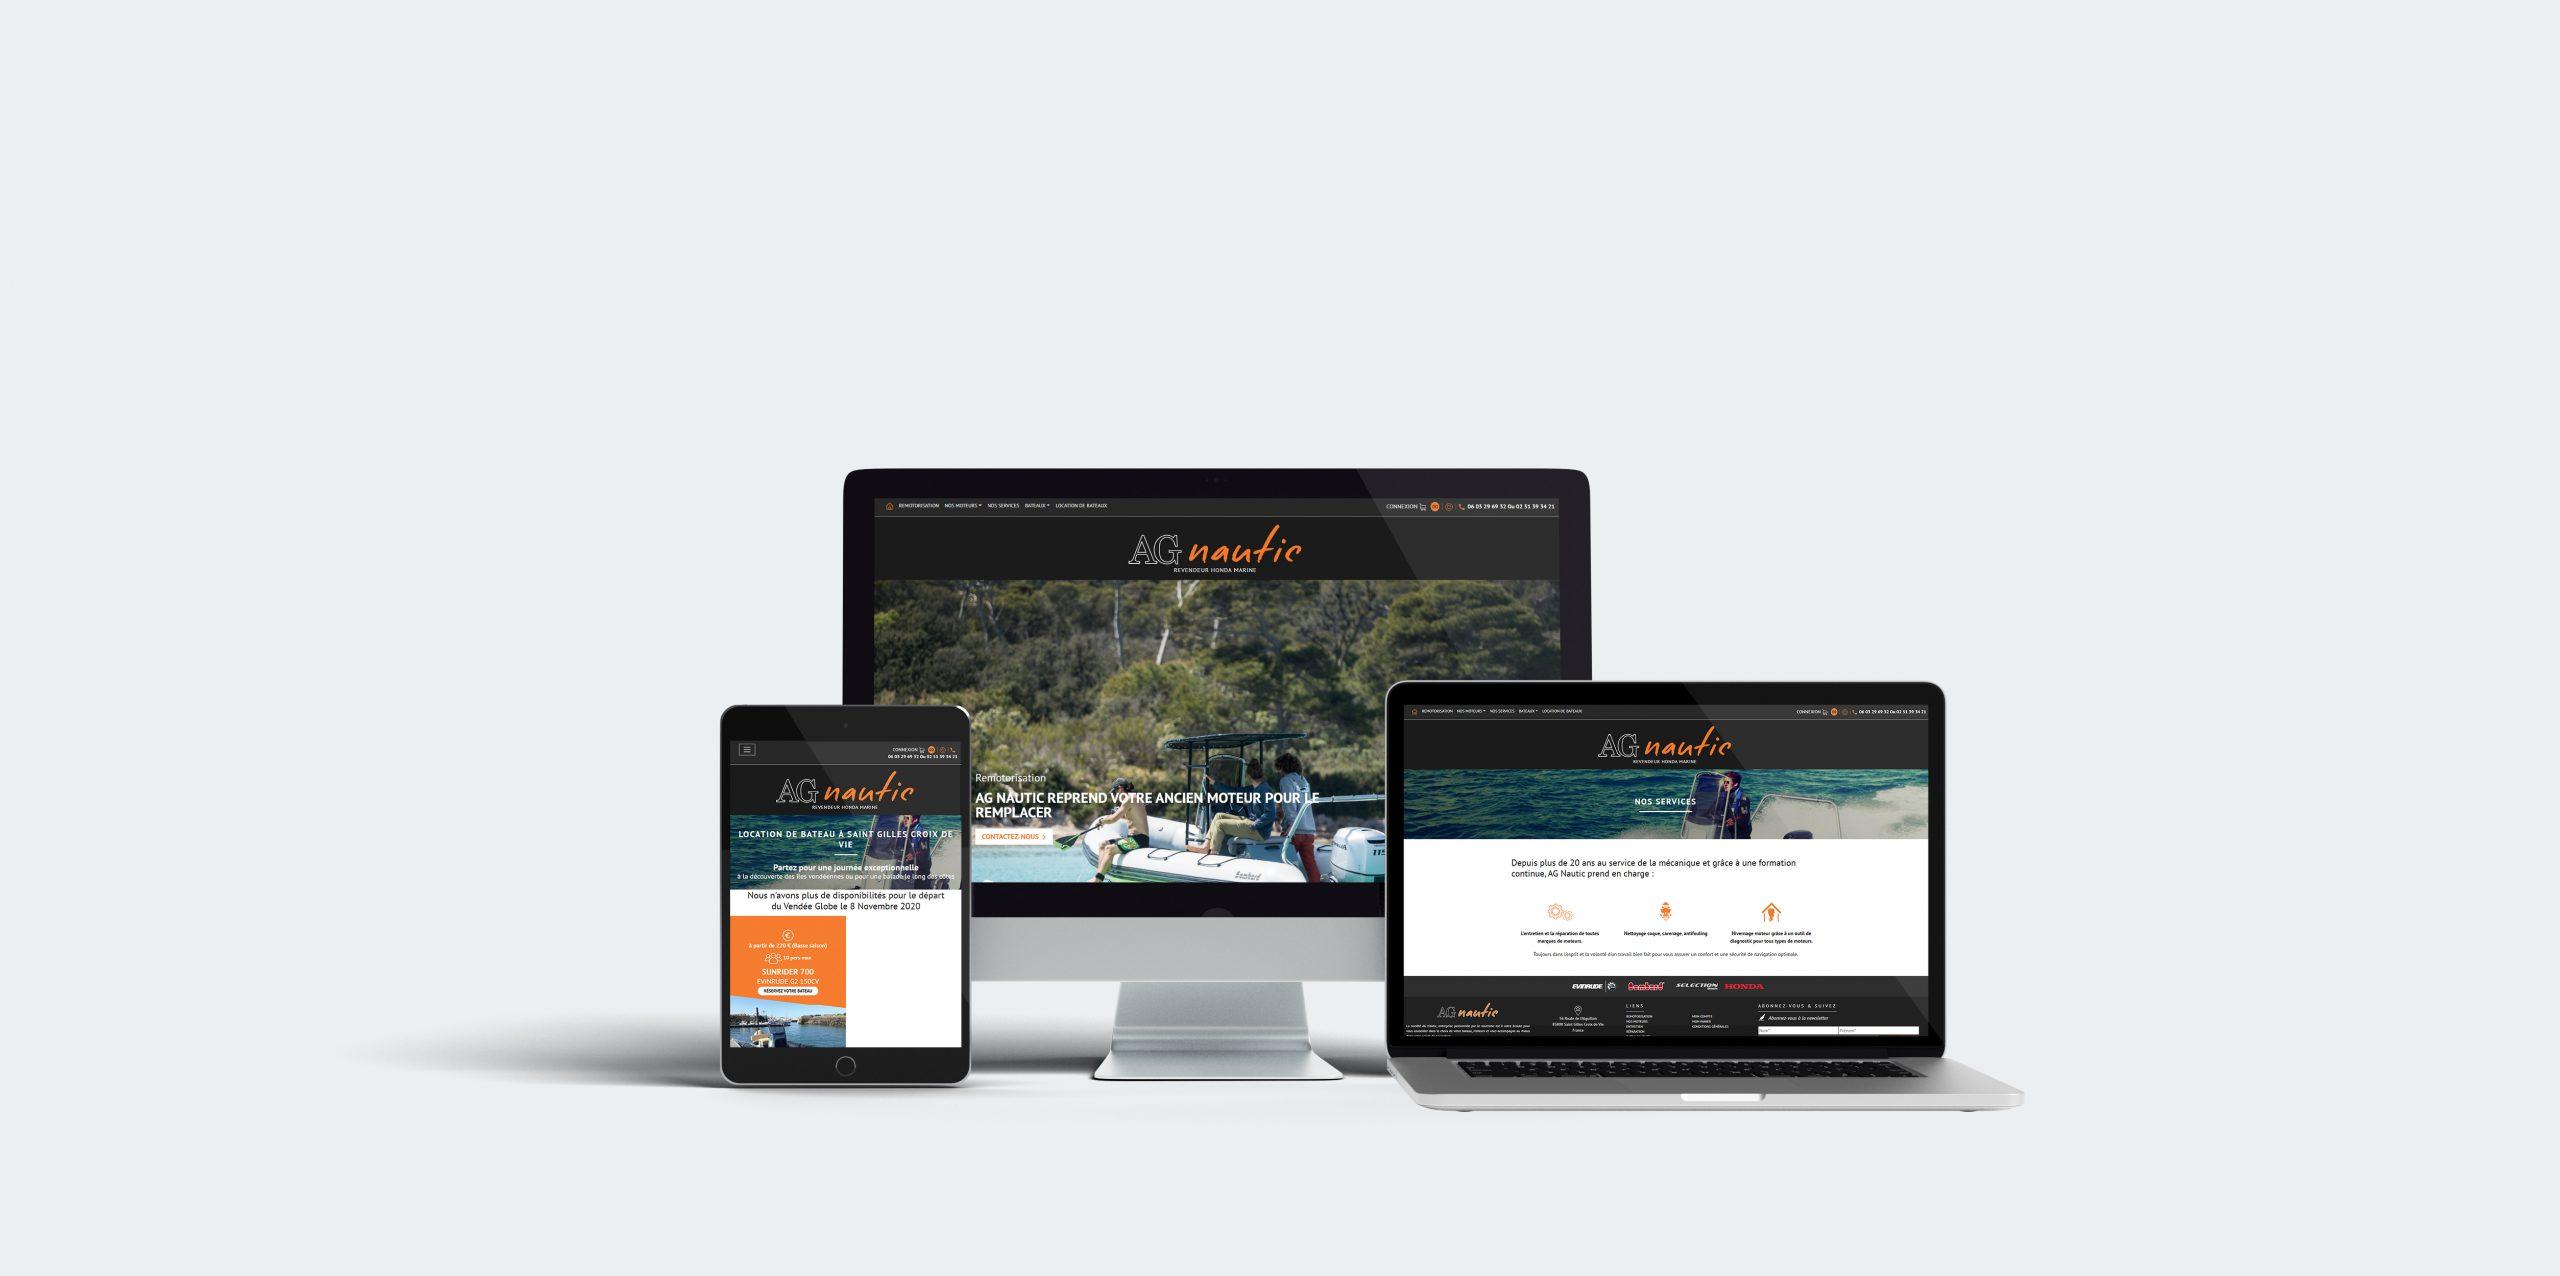 Réalisation du site AG Nautic par l'agence web Espace Technologie à Challans 85 Vendée